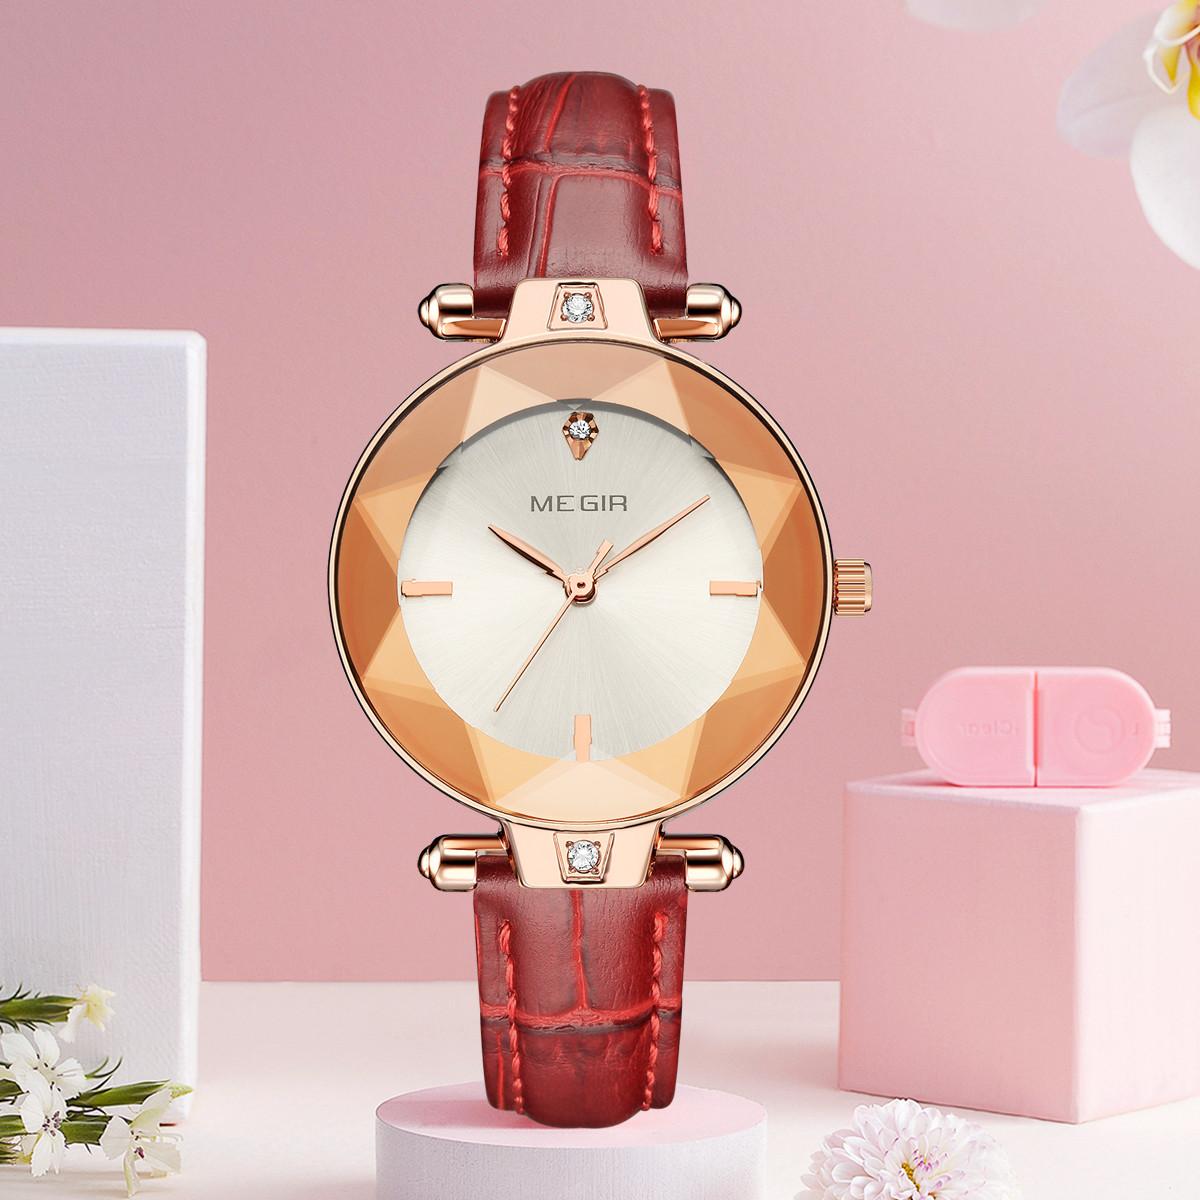 美格尔畅销多面切割手表女表进口机芯极简时尚皮带防水女士手表ML4209LRERD-7N0